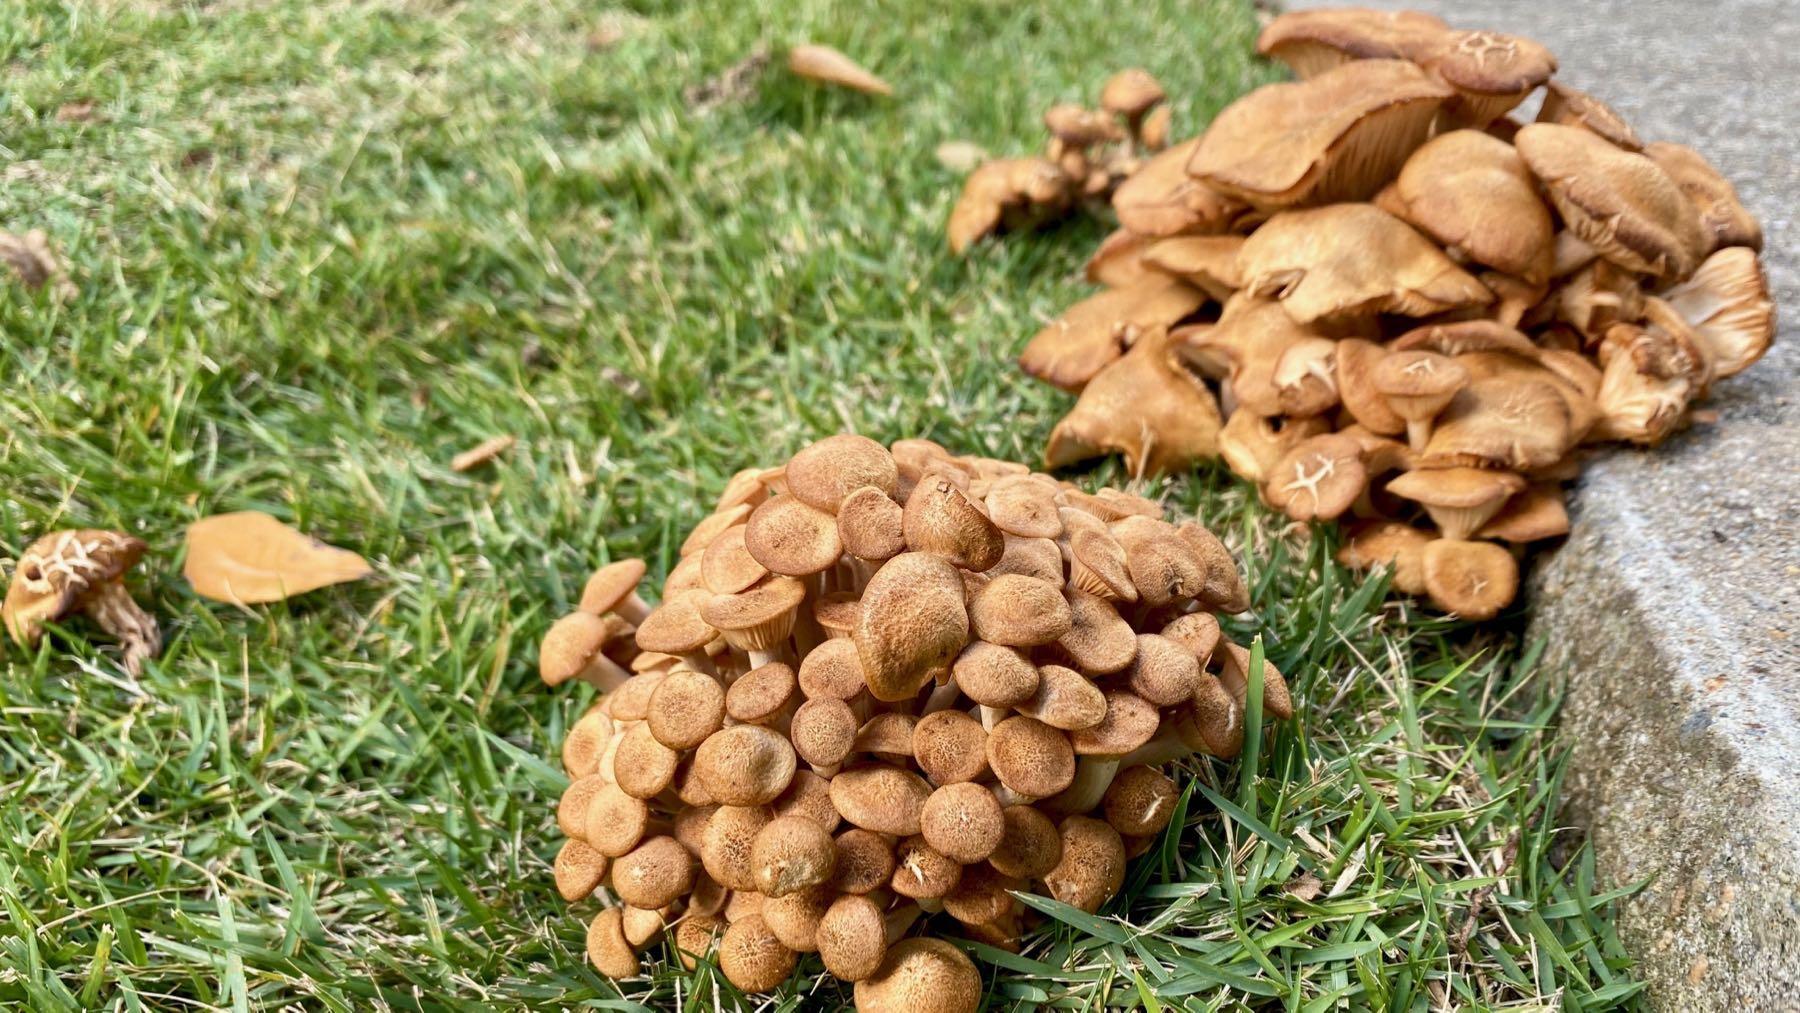 Fungal multi piles